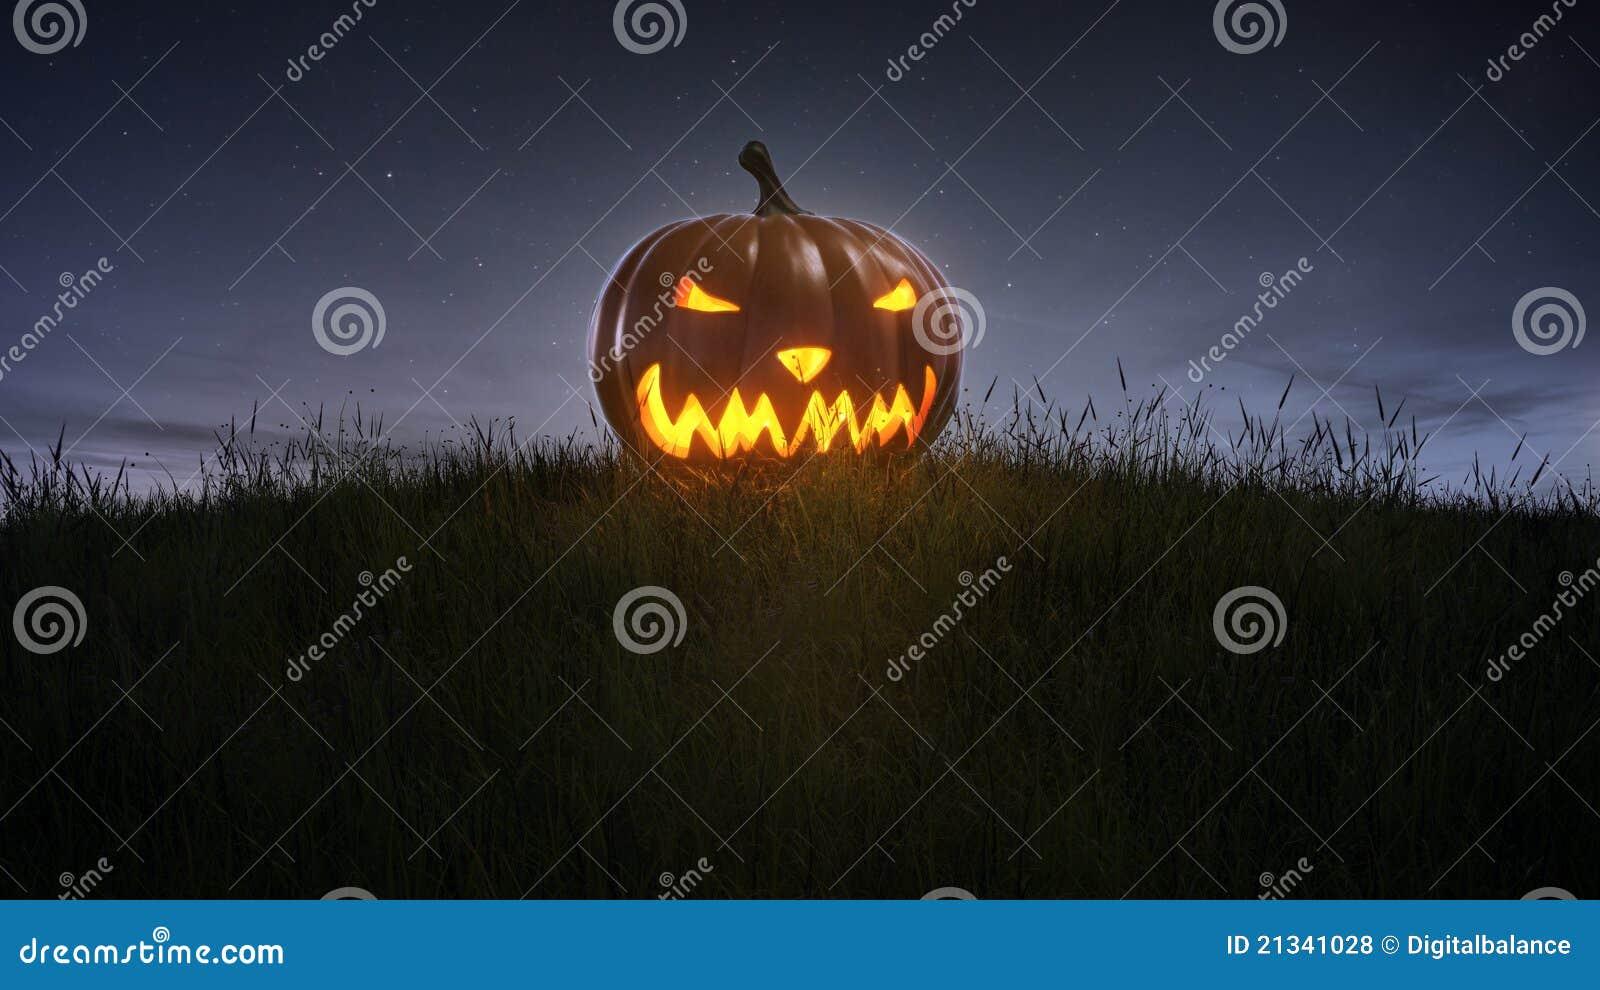 Happy halloween pumpkin on lawn